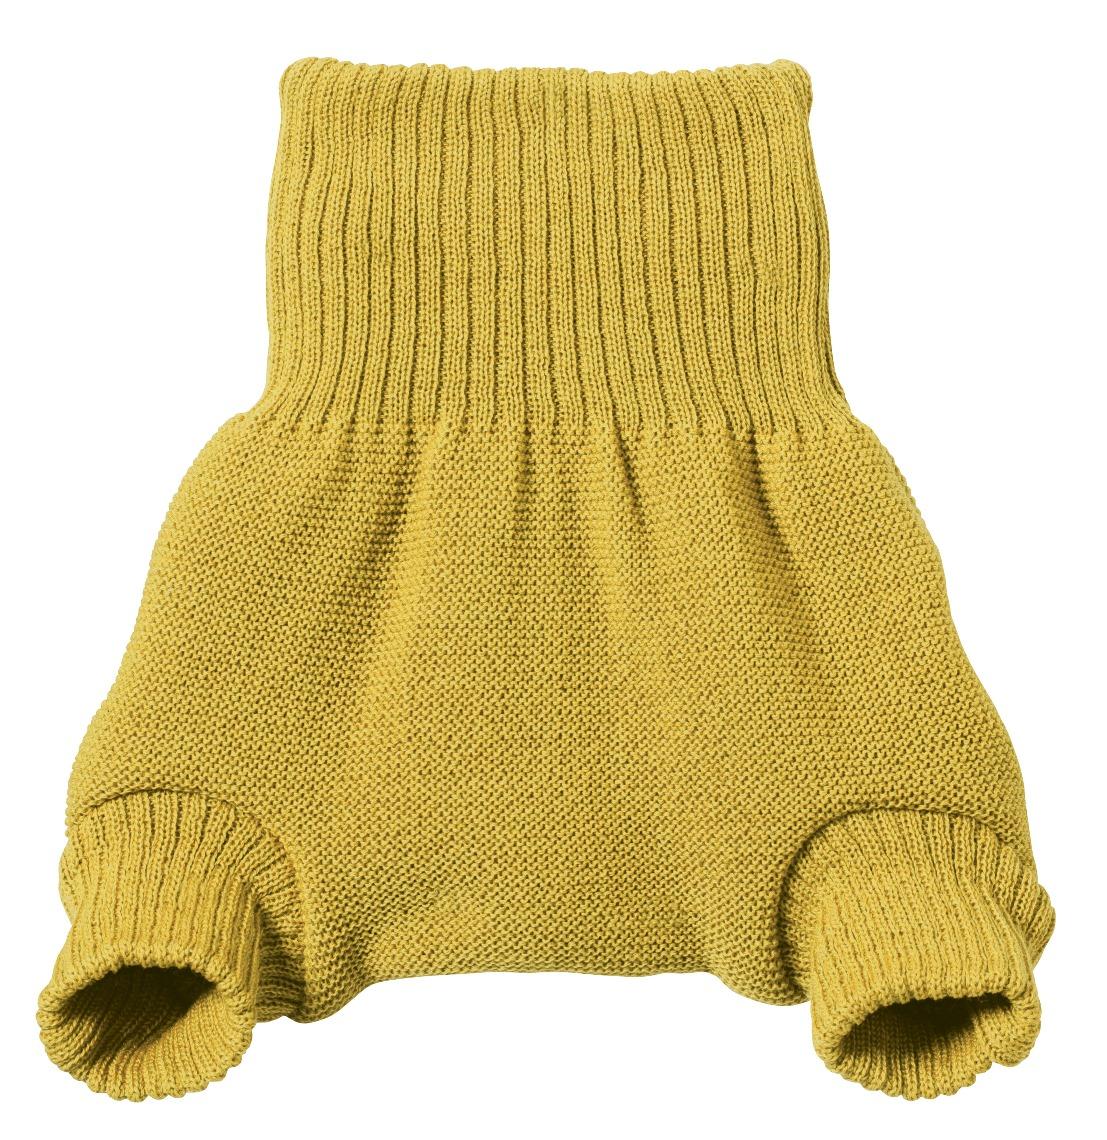 Short pretina alta / cubre pañal 100% lana virgen Merino orgánica, curry